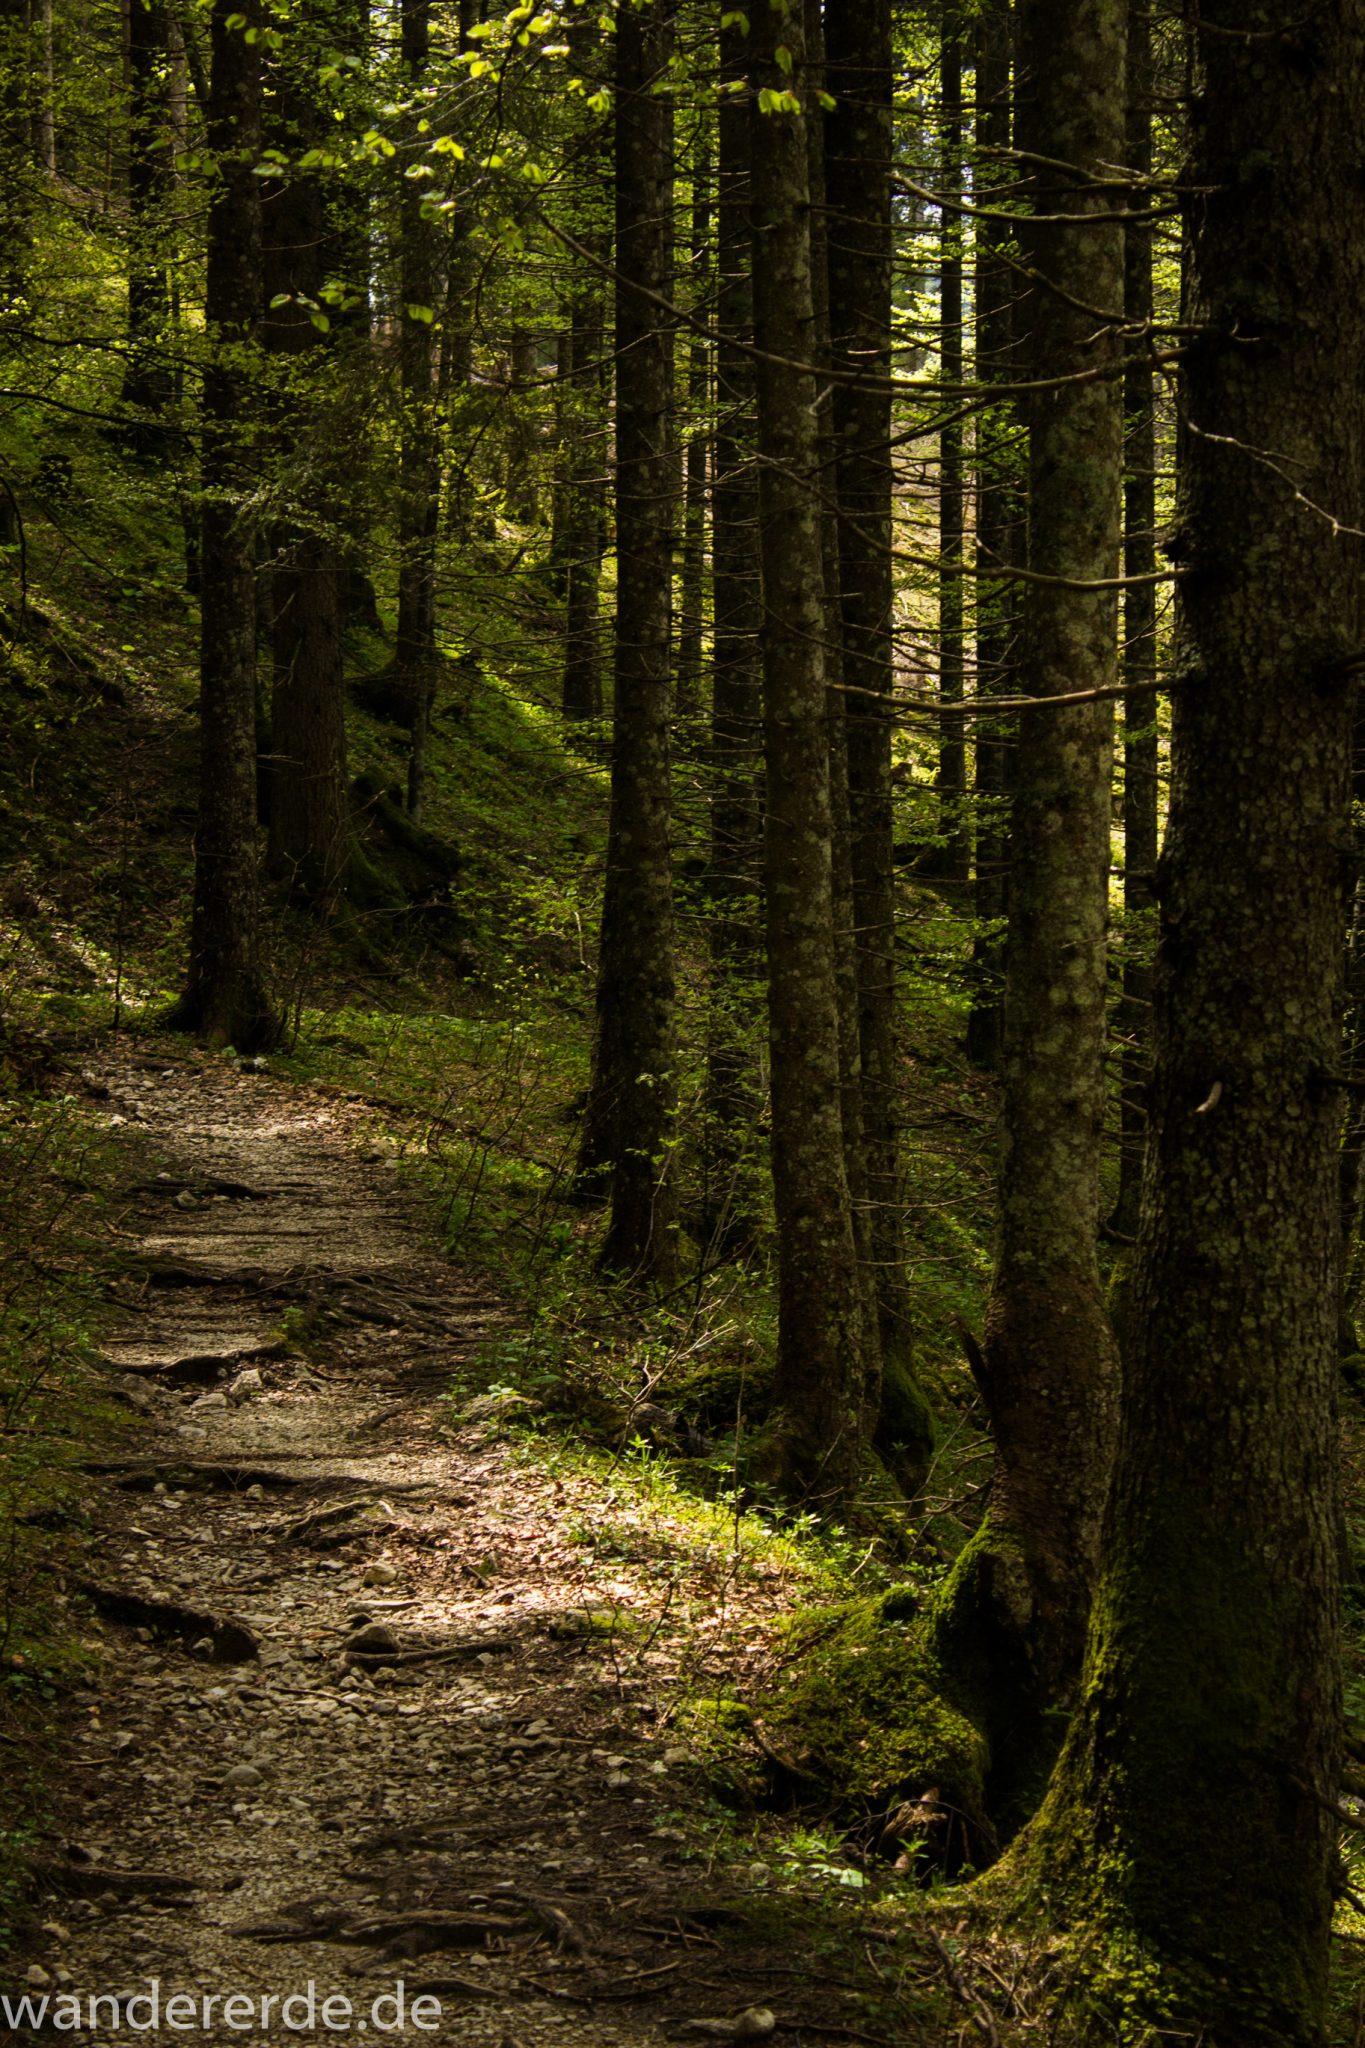 Wanderung zur Kenzenhütte in den Ammergauer Alpen, schmaler Wanderweg im schönen, dichten und grünen Wald